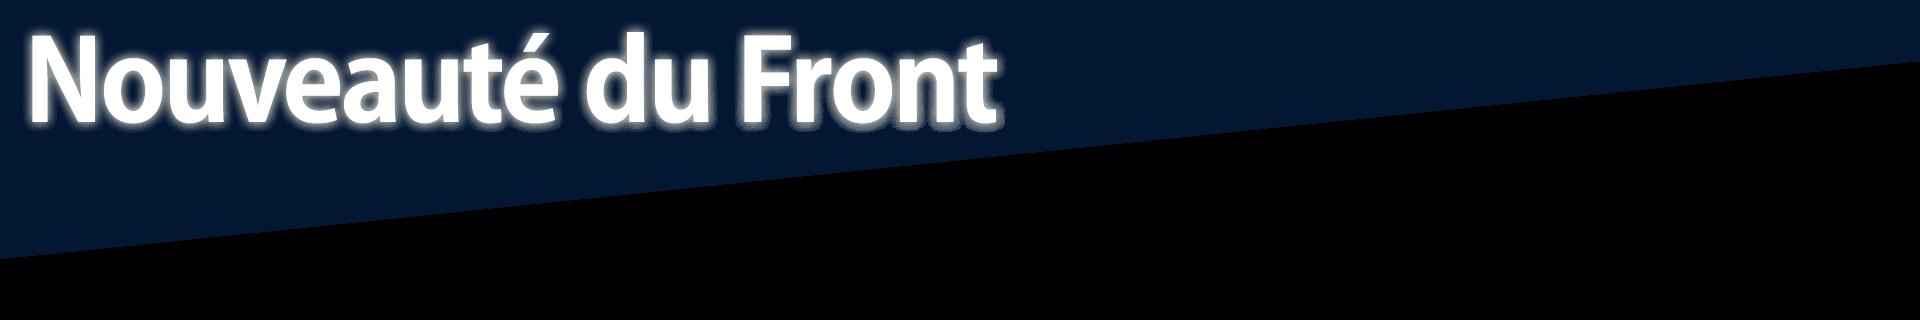 Nouveauté du Front